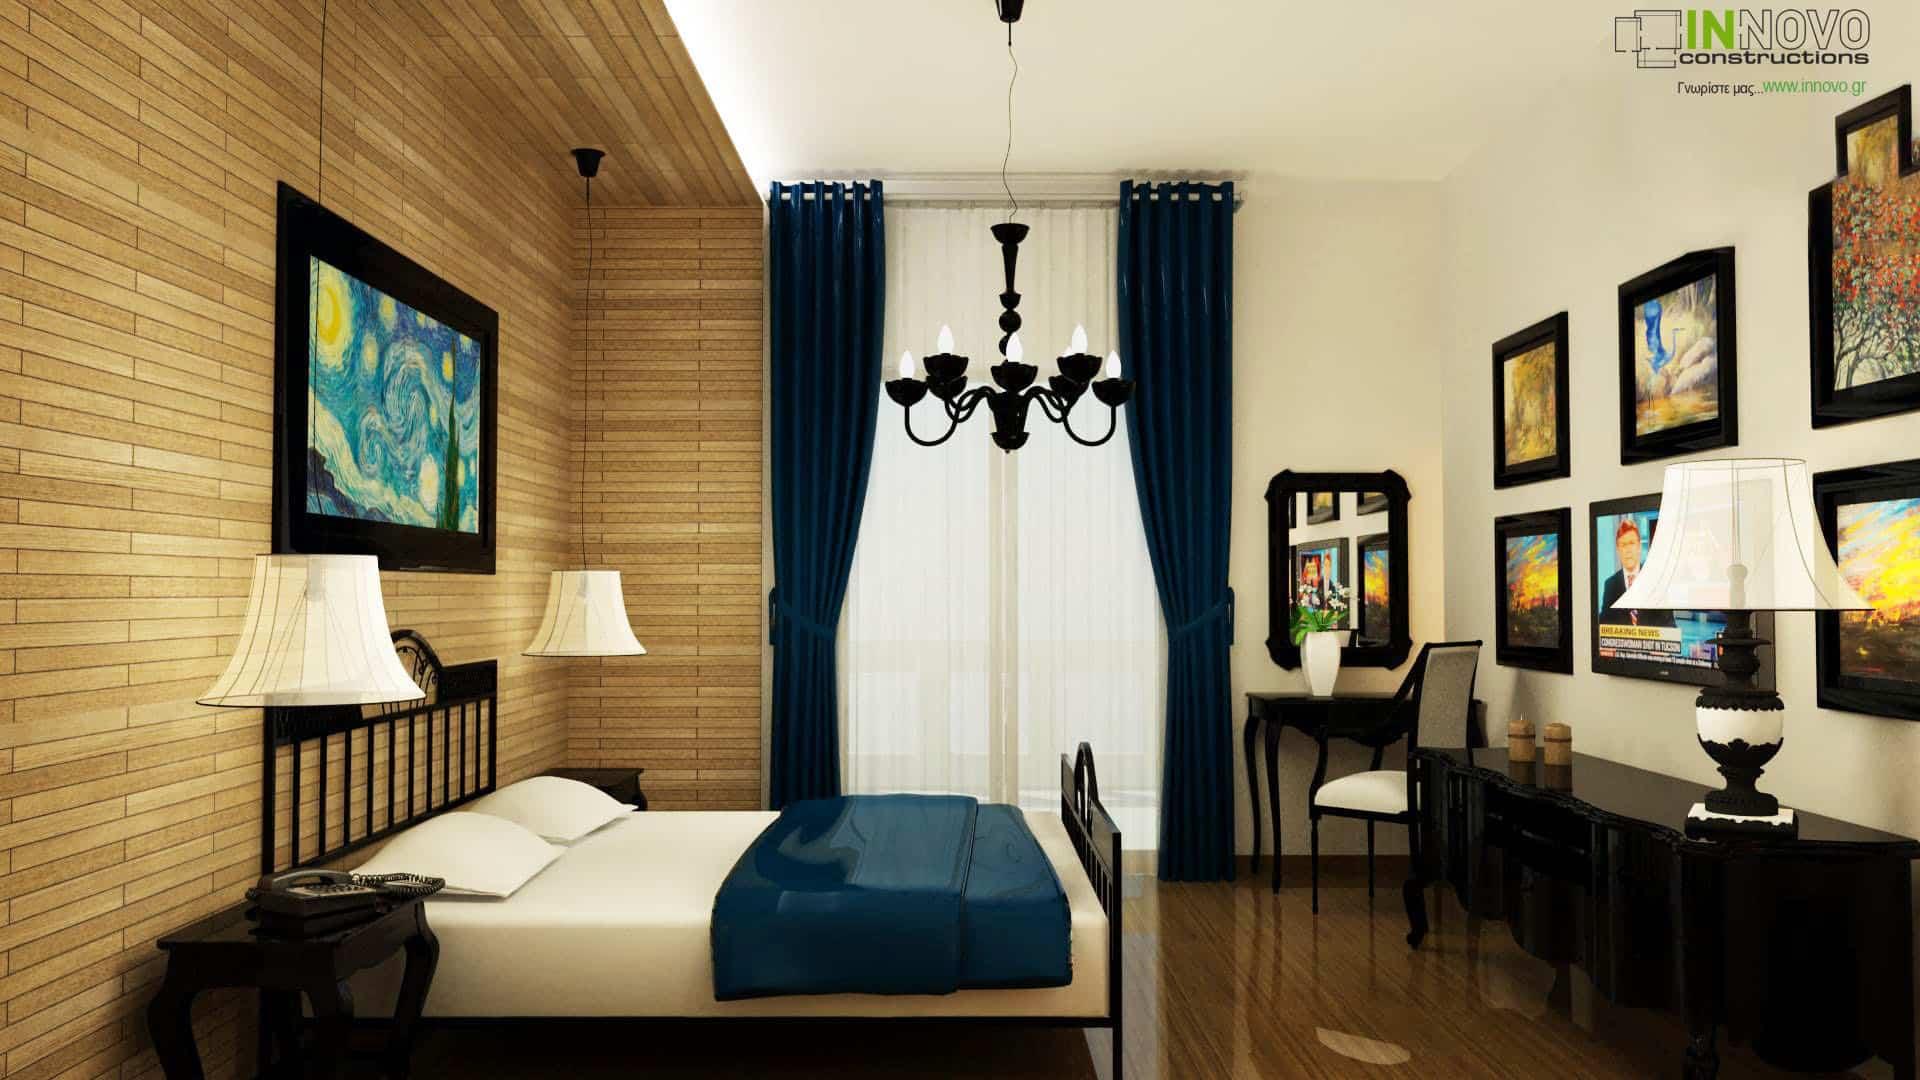 Μελέτη ξενοδοχείου στην Πάργα από την Innovo